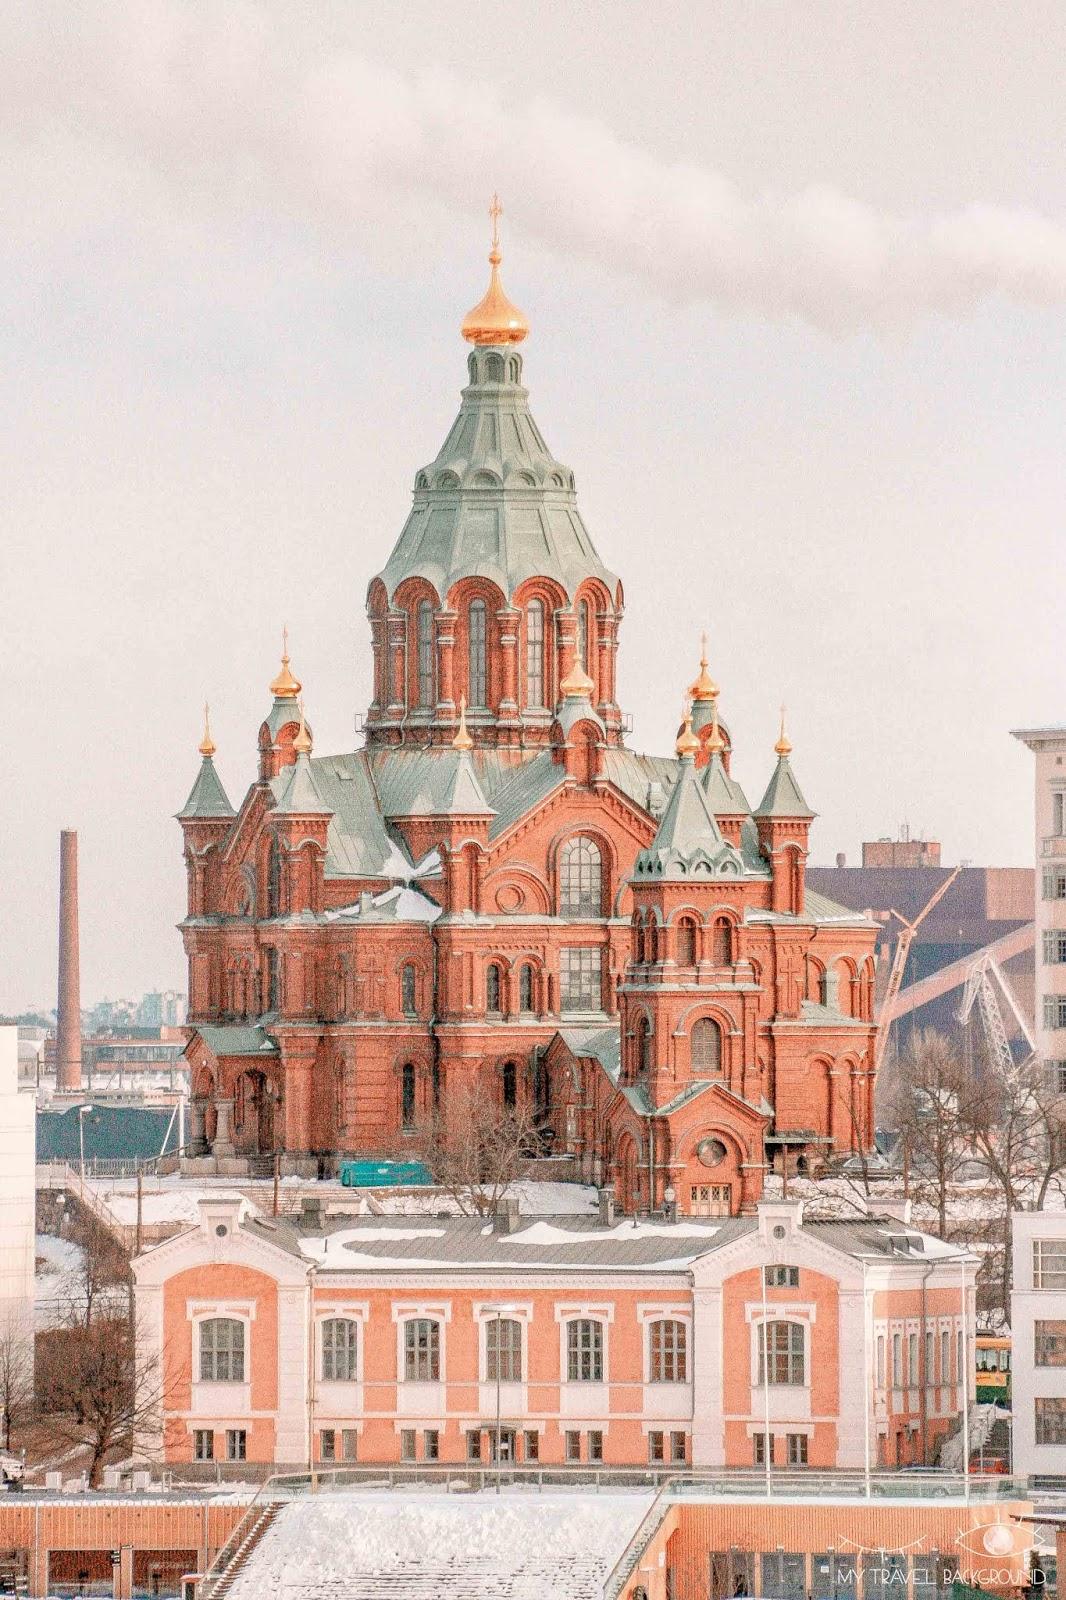 My Travel Background : 2 jours pour découvrir Helsinki, la capitale de la Finlande - Cathédrale Uspenski